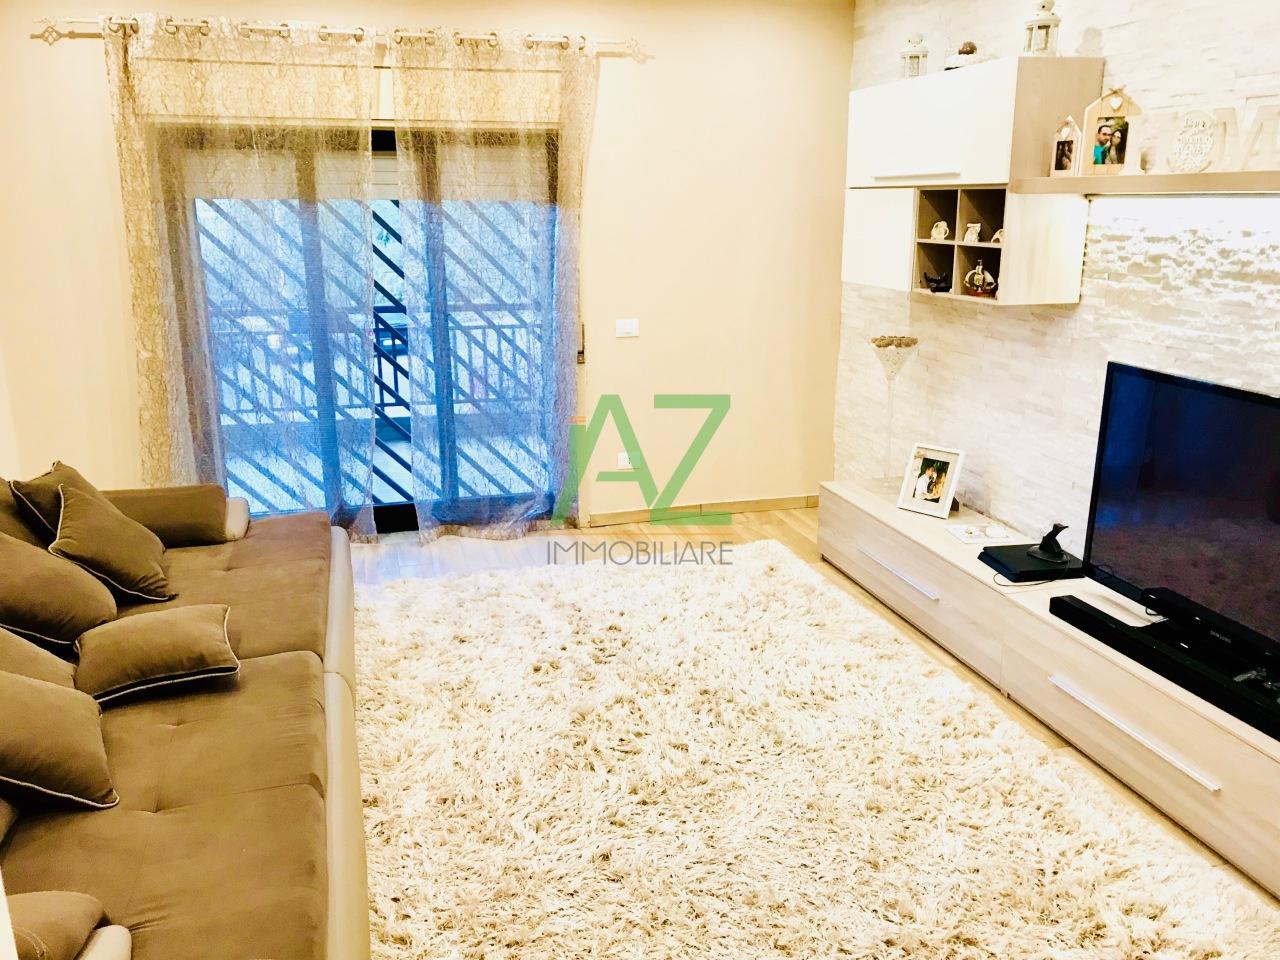 Appartamento - 4 vani Impeccabile a Motta Sant'Anastasia